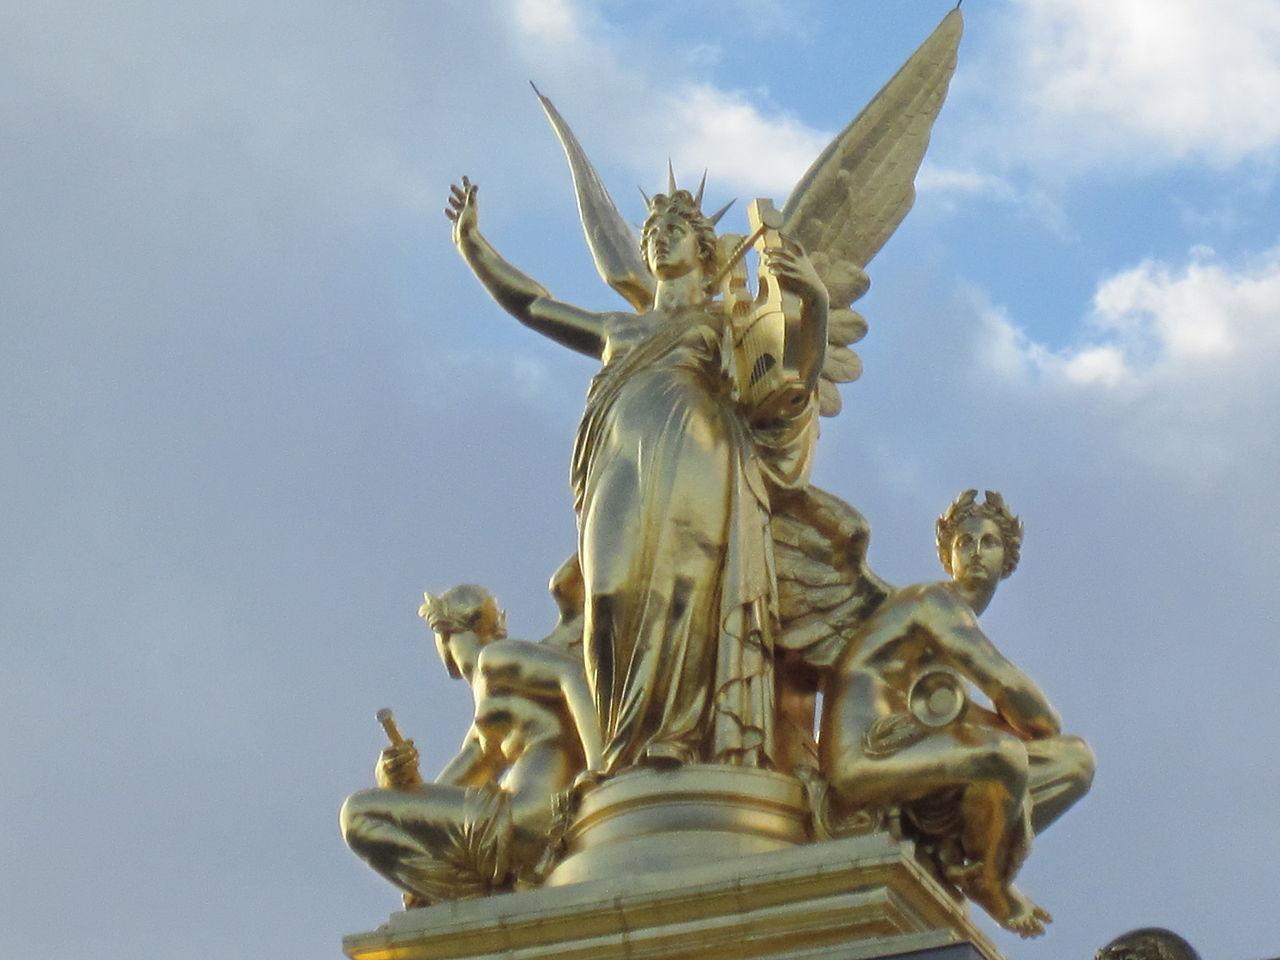 โรงละครปาเลส์การ์นิเย่-รูปสำริดสีทองสวยงาม